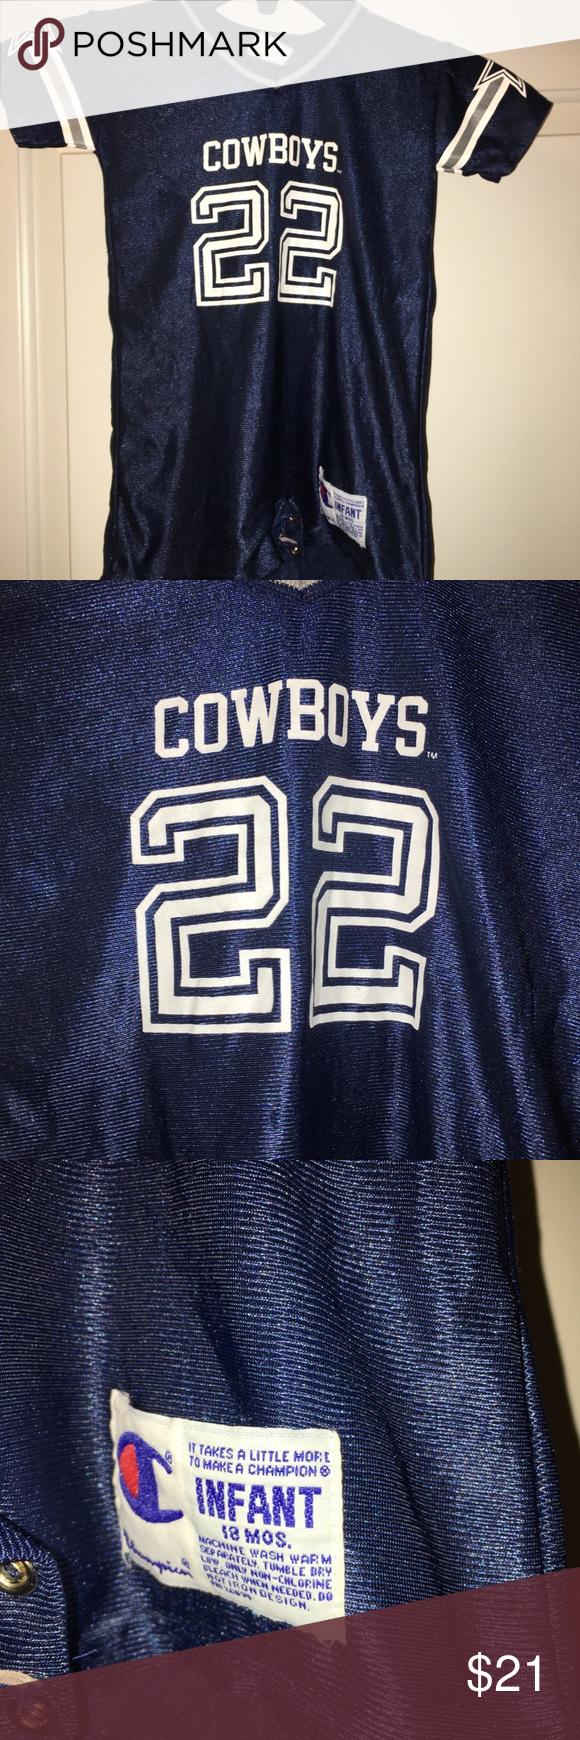 0a7b86b7d43 ... Dallas Cowboys Emmitt Smith romper 18M ...